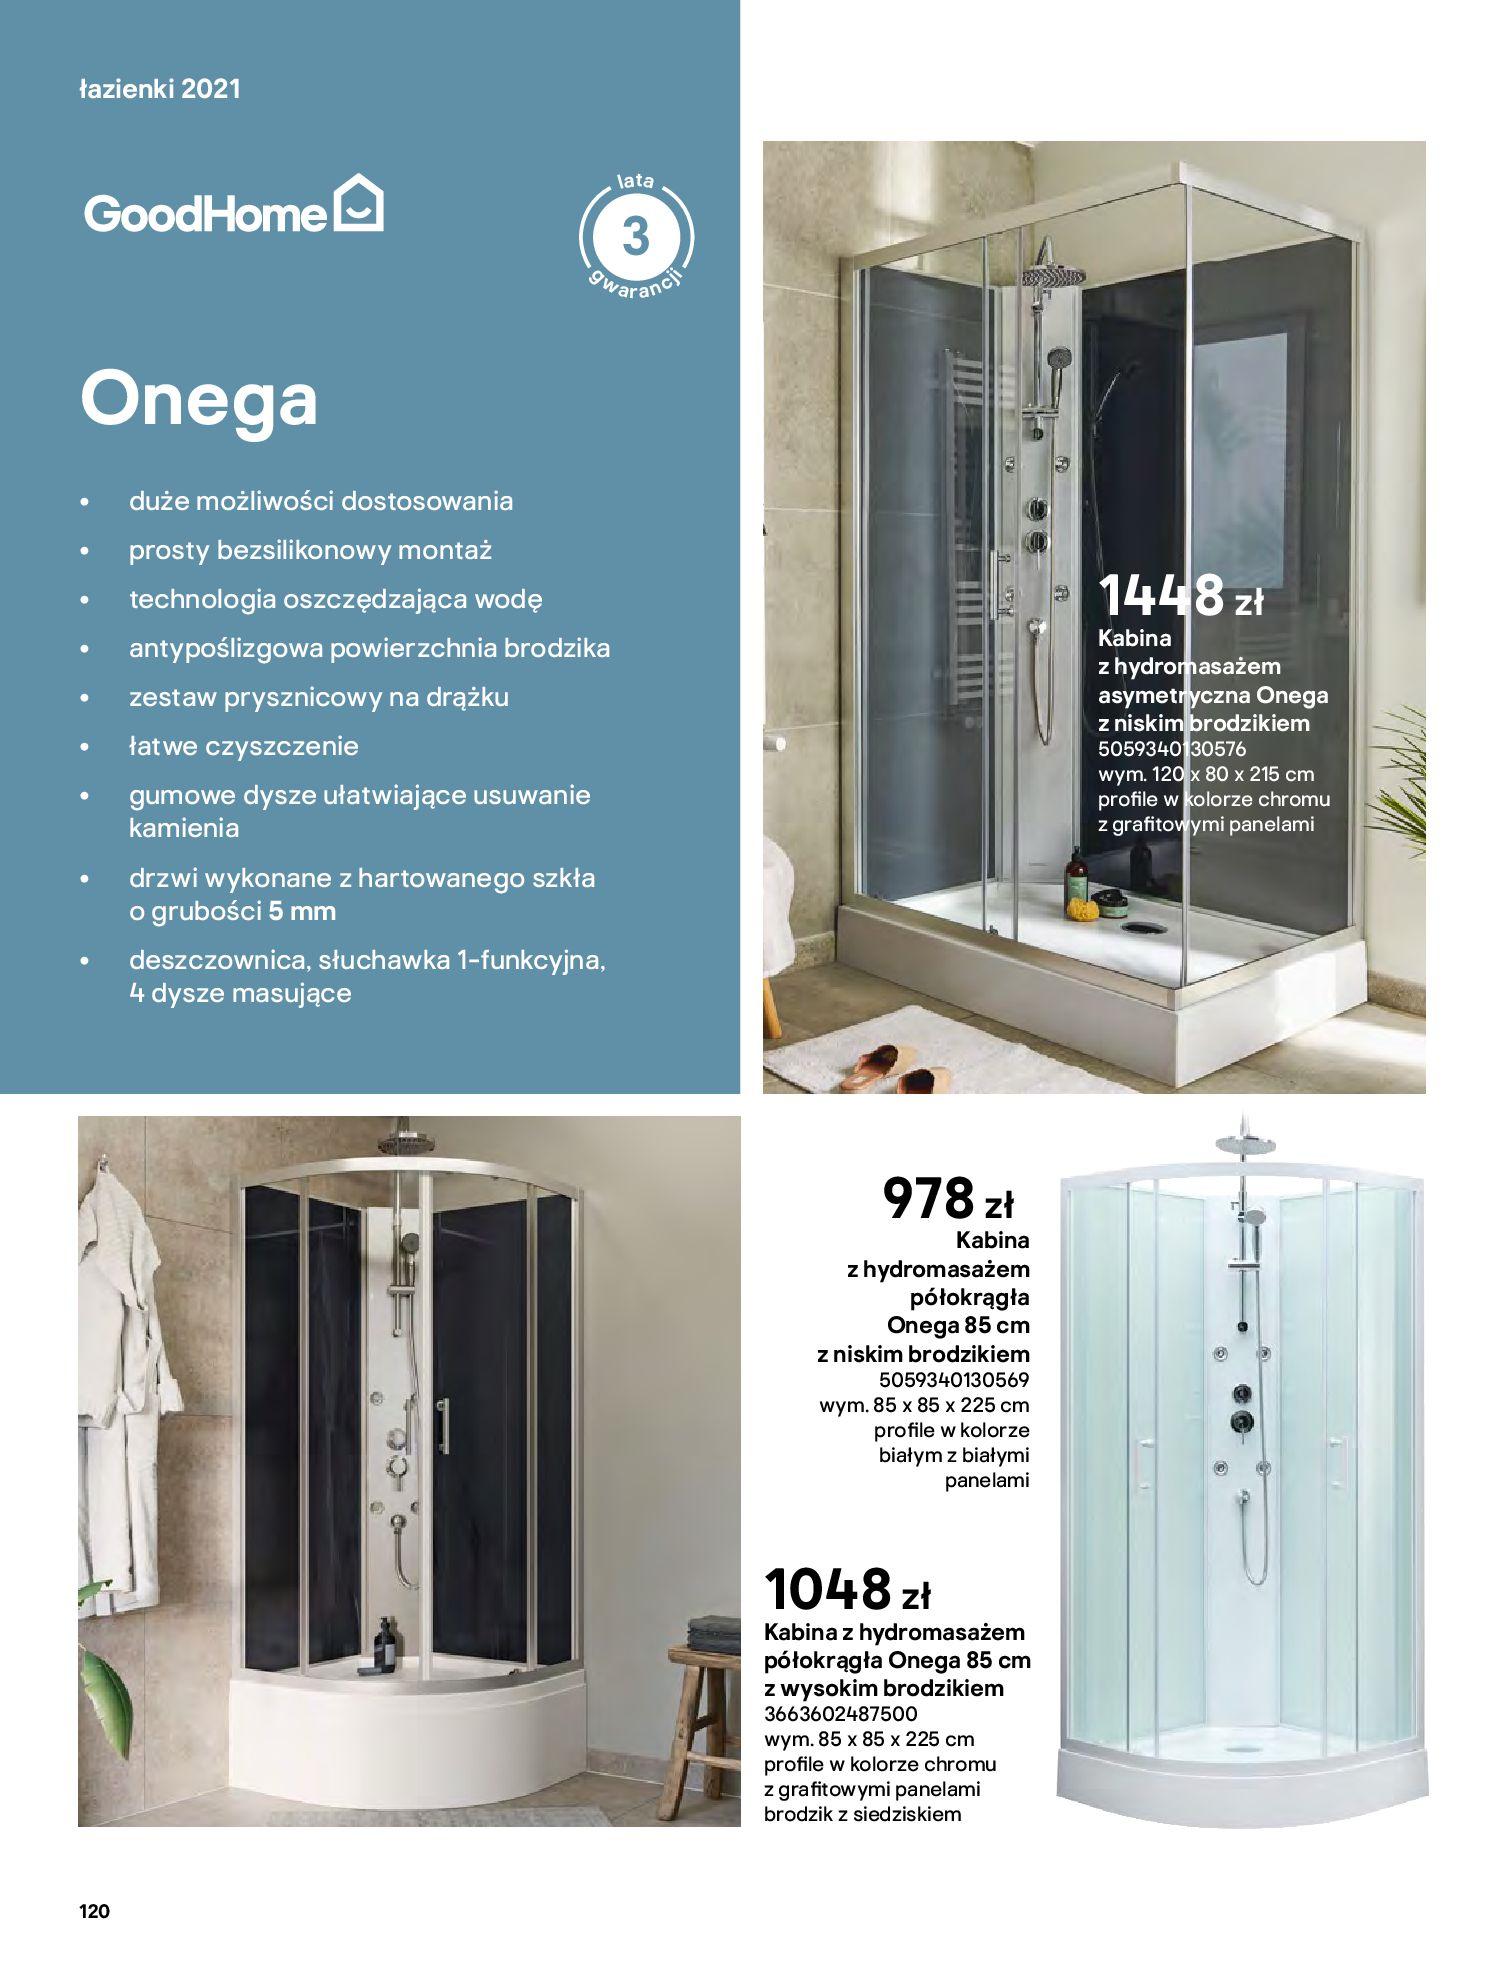 Gazetka Castorama: Gazetka Castorama - katalog łazienki 2021 2021-06-16 page-120